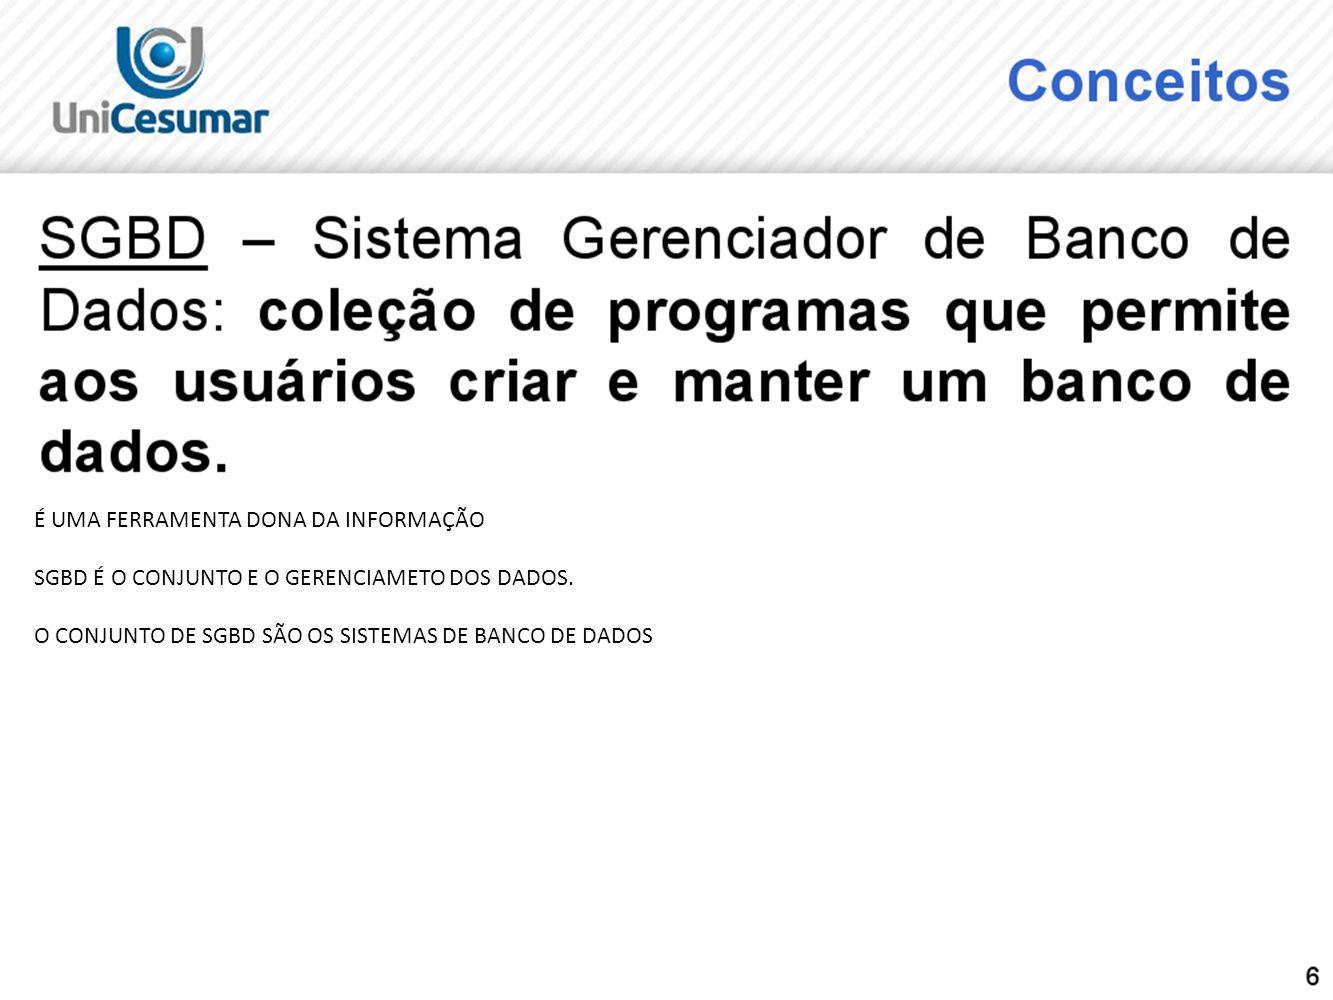 ACID é o princípio fundamental dos bancos de dados RELACIONAIS